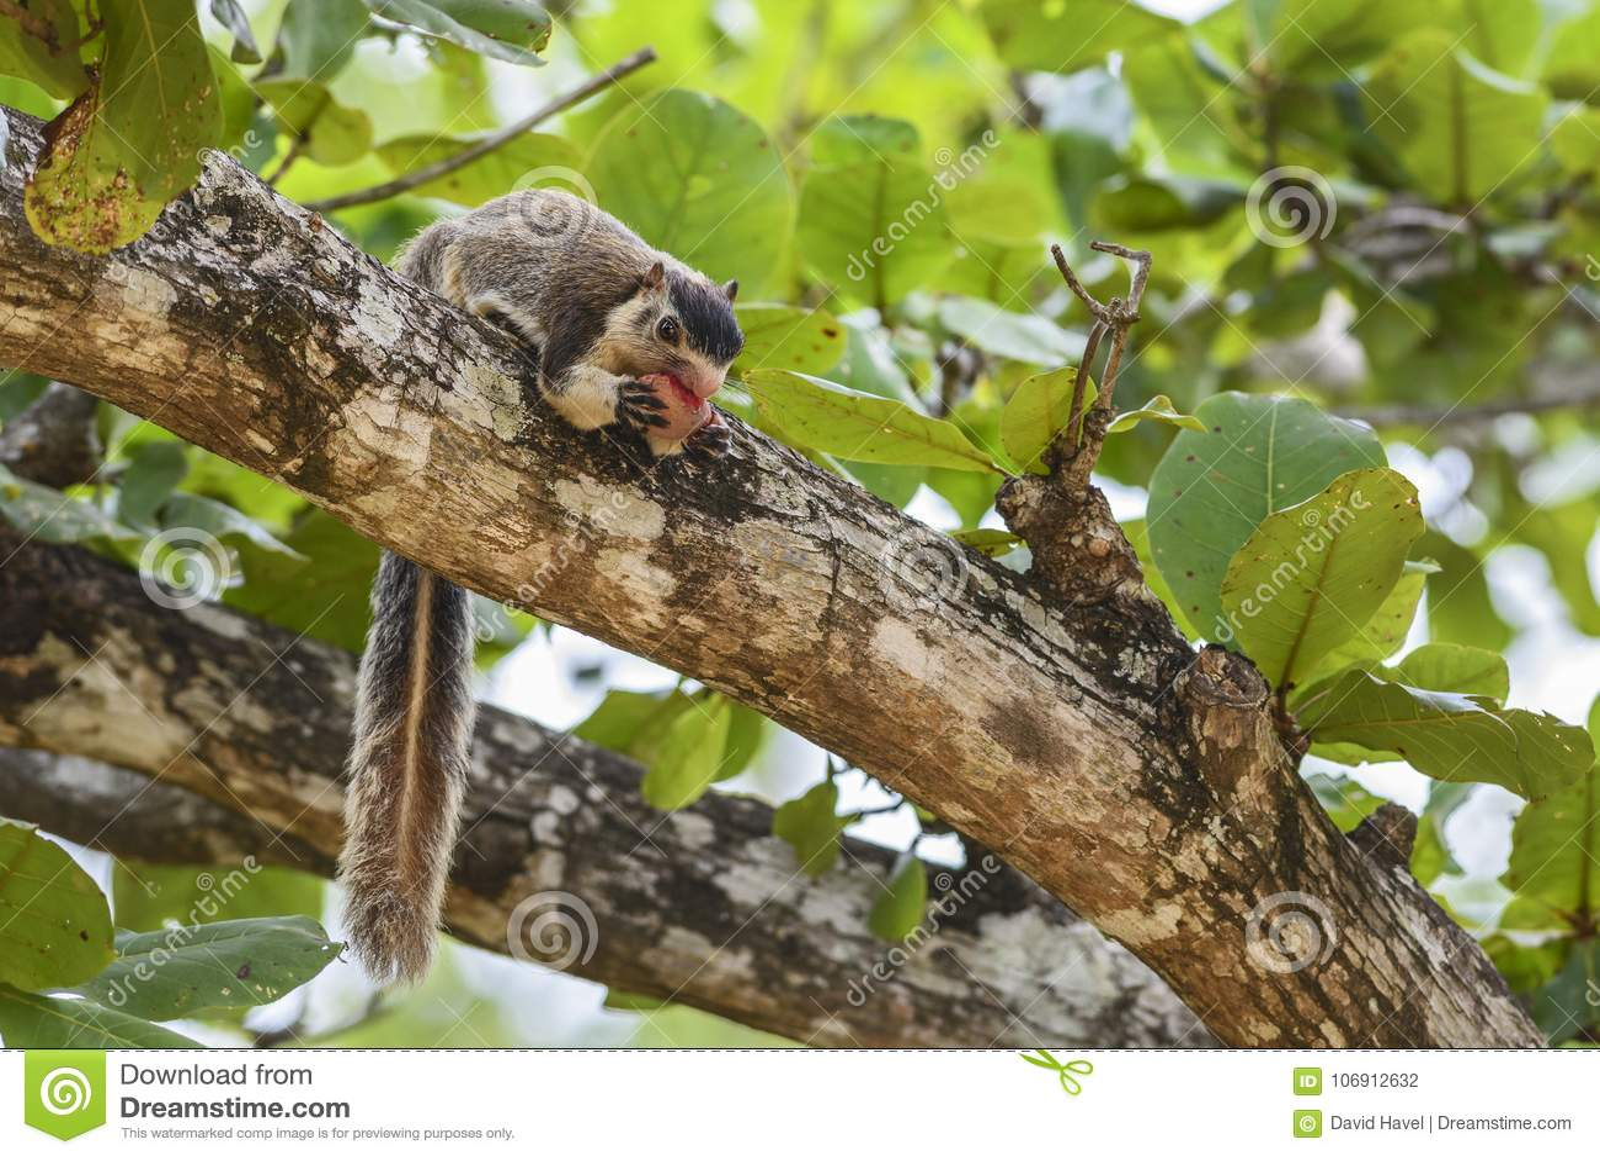 Lankijczyk Gigantyczna wiewiórka - Ratufa macroura, Sri Lanka